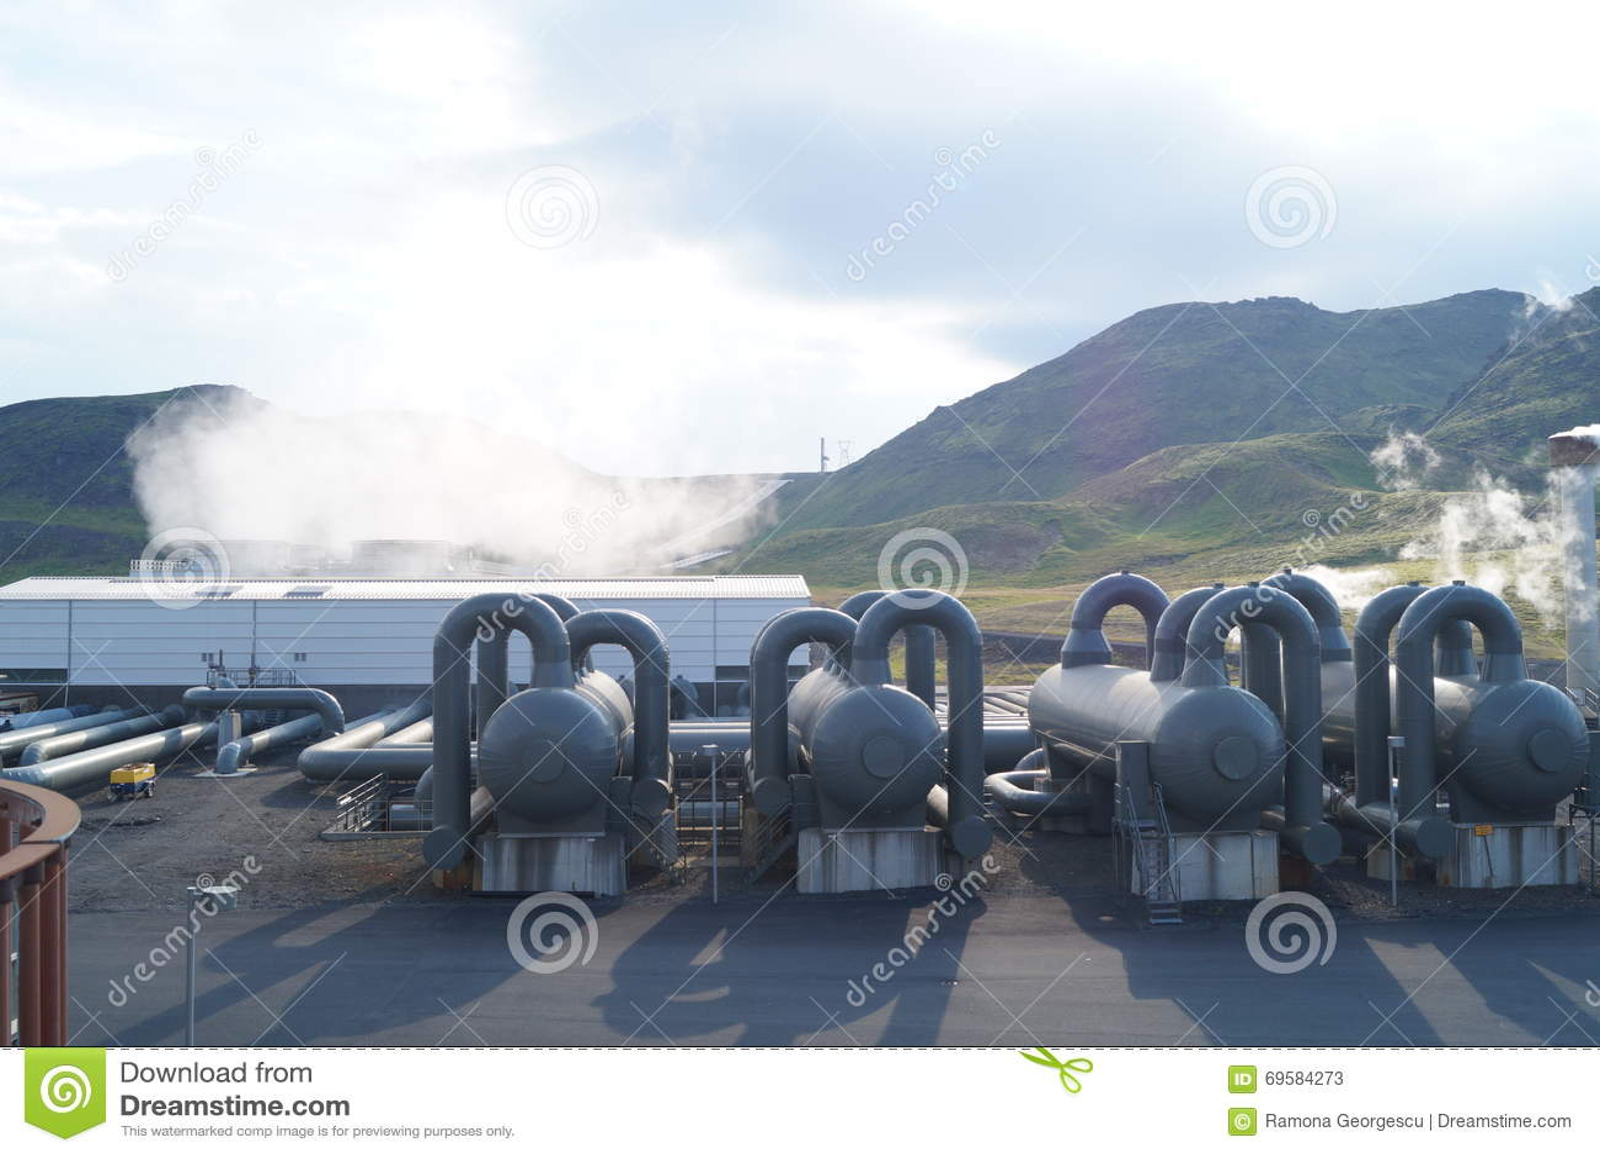 Download Renewable energy cycle stock image. Image of fumarole - 69584273